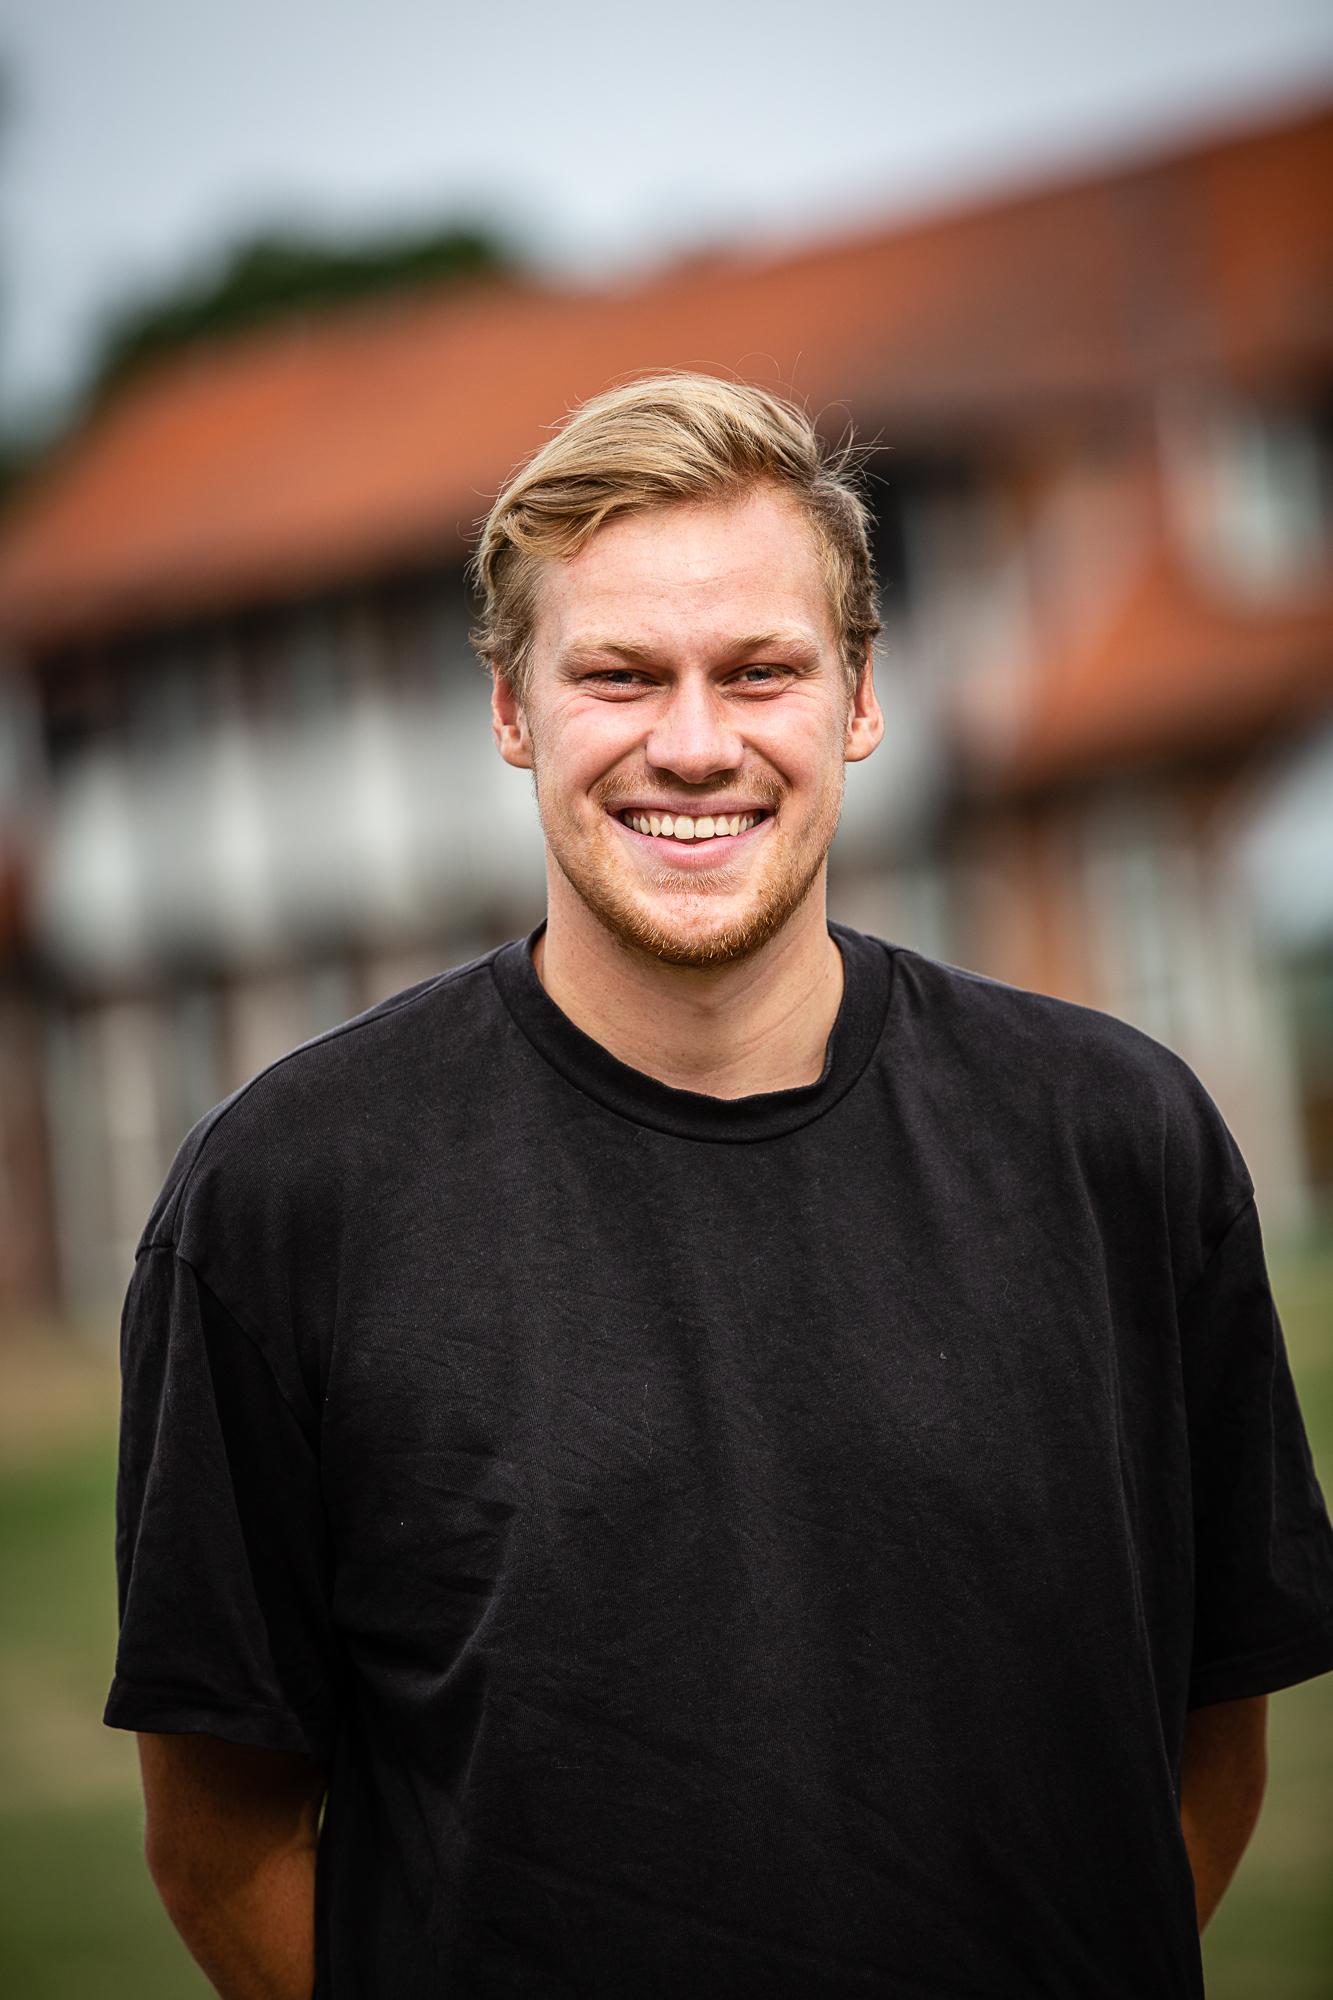 Matthias Yde